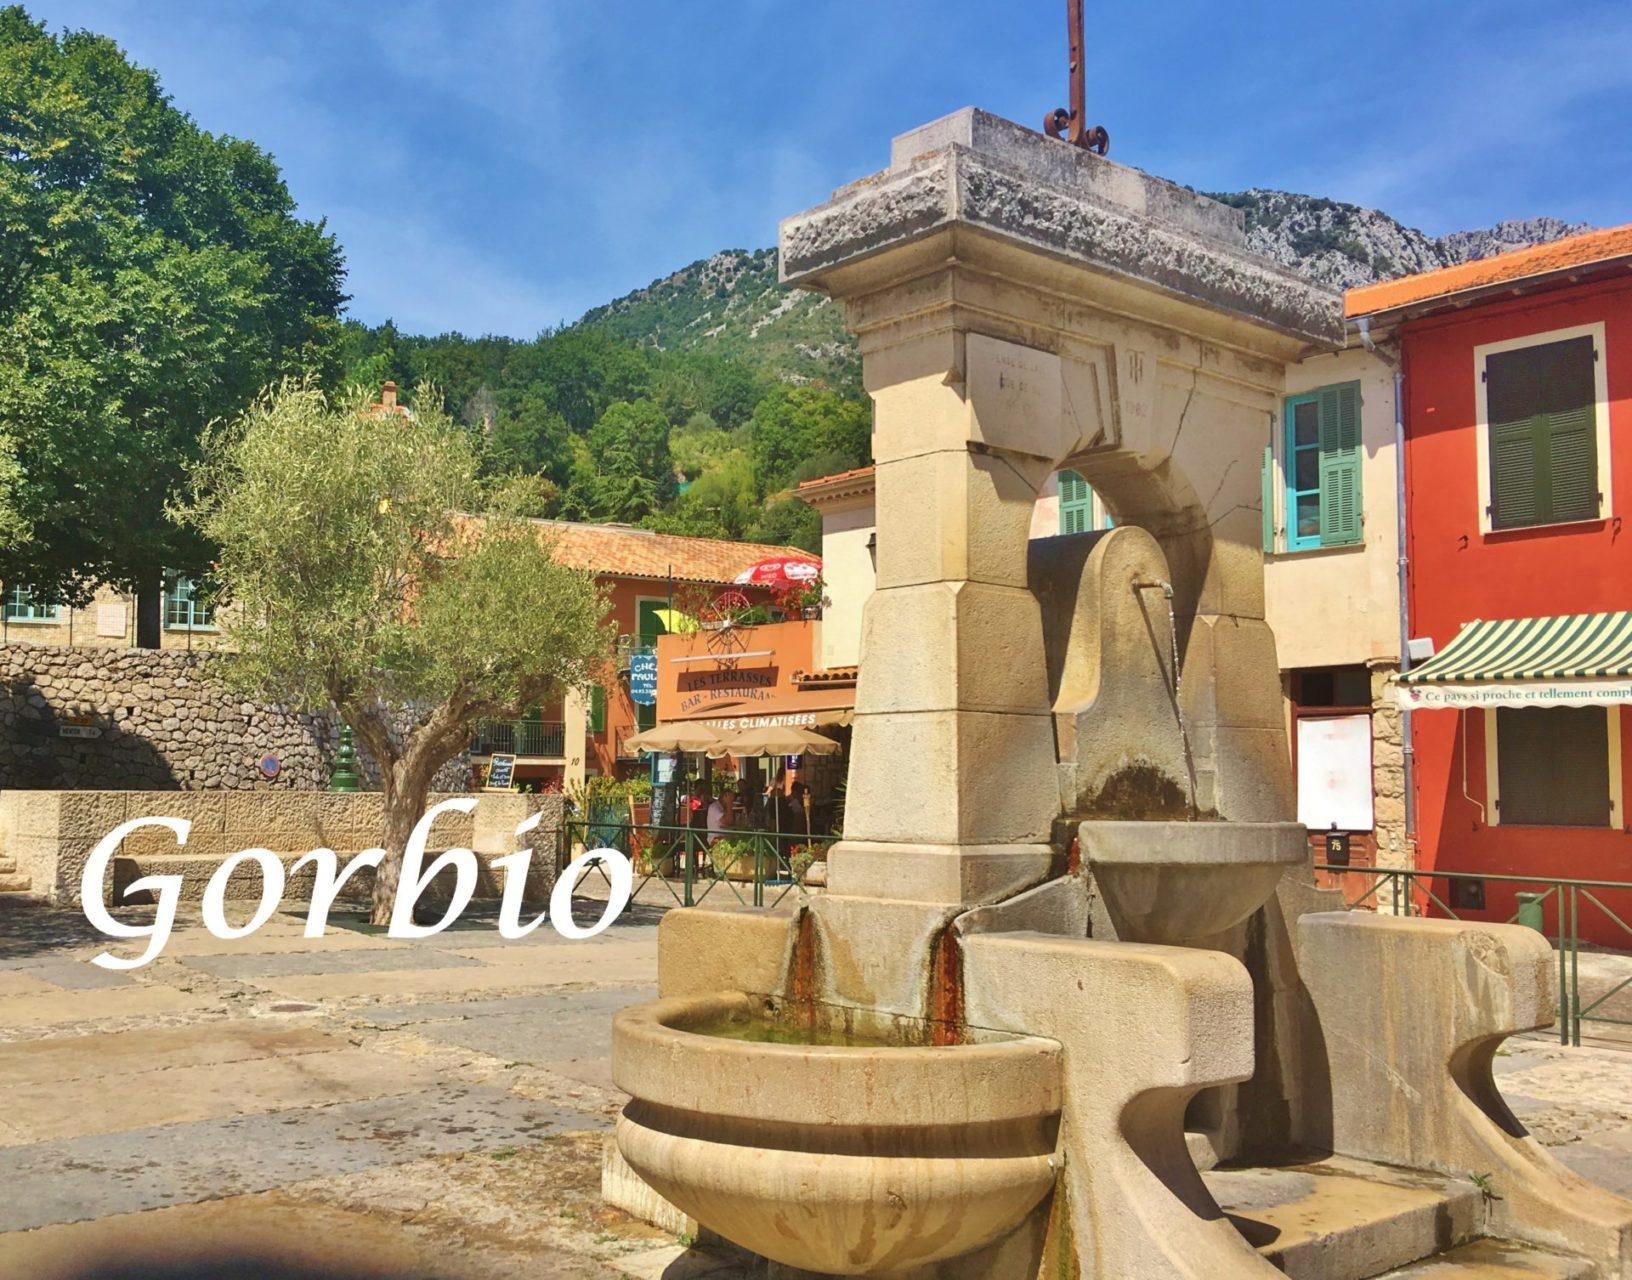 Gorbio - Dreams World - Blog voyage